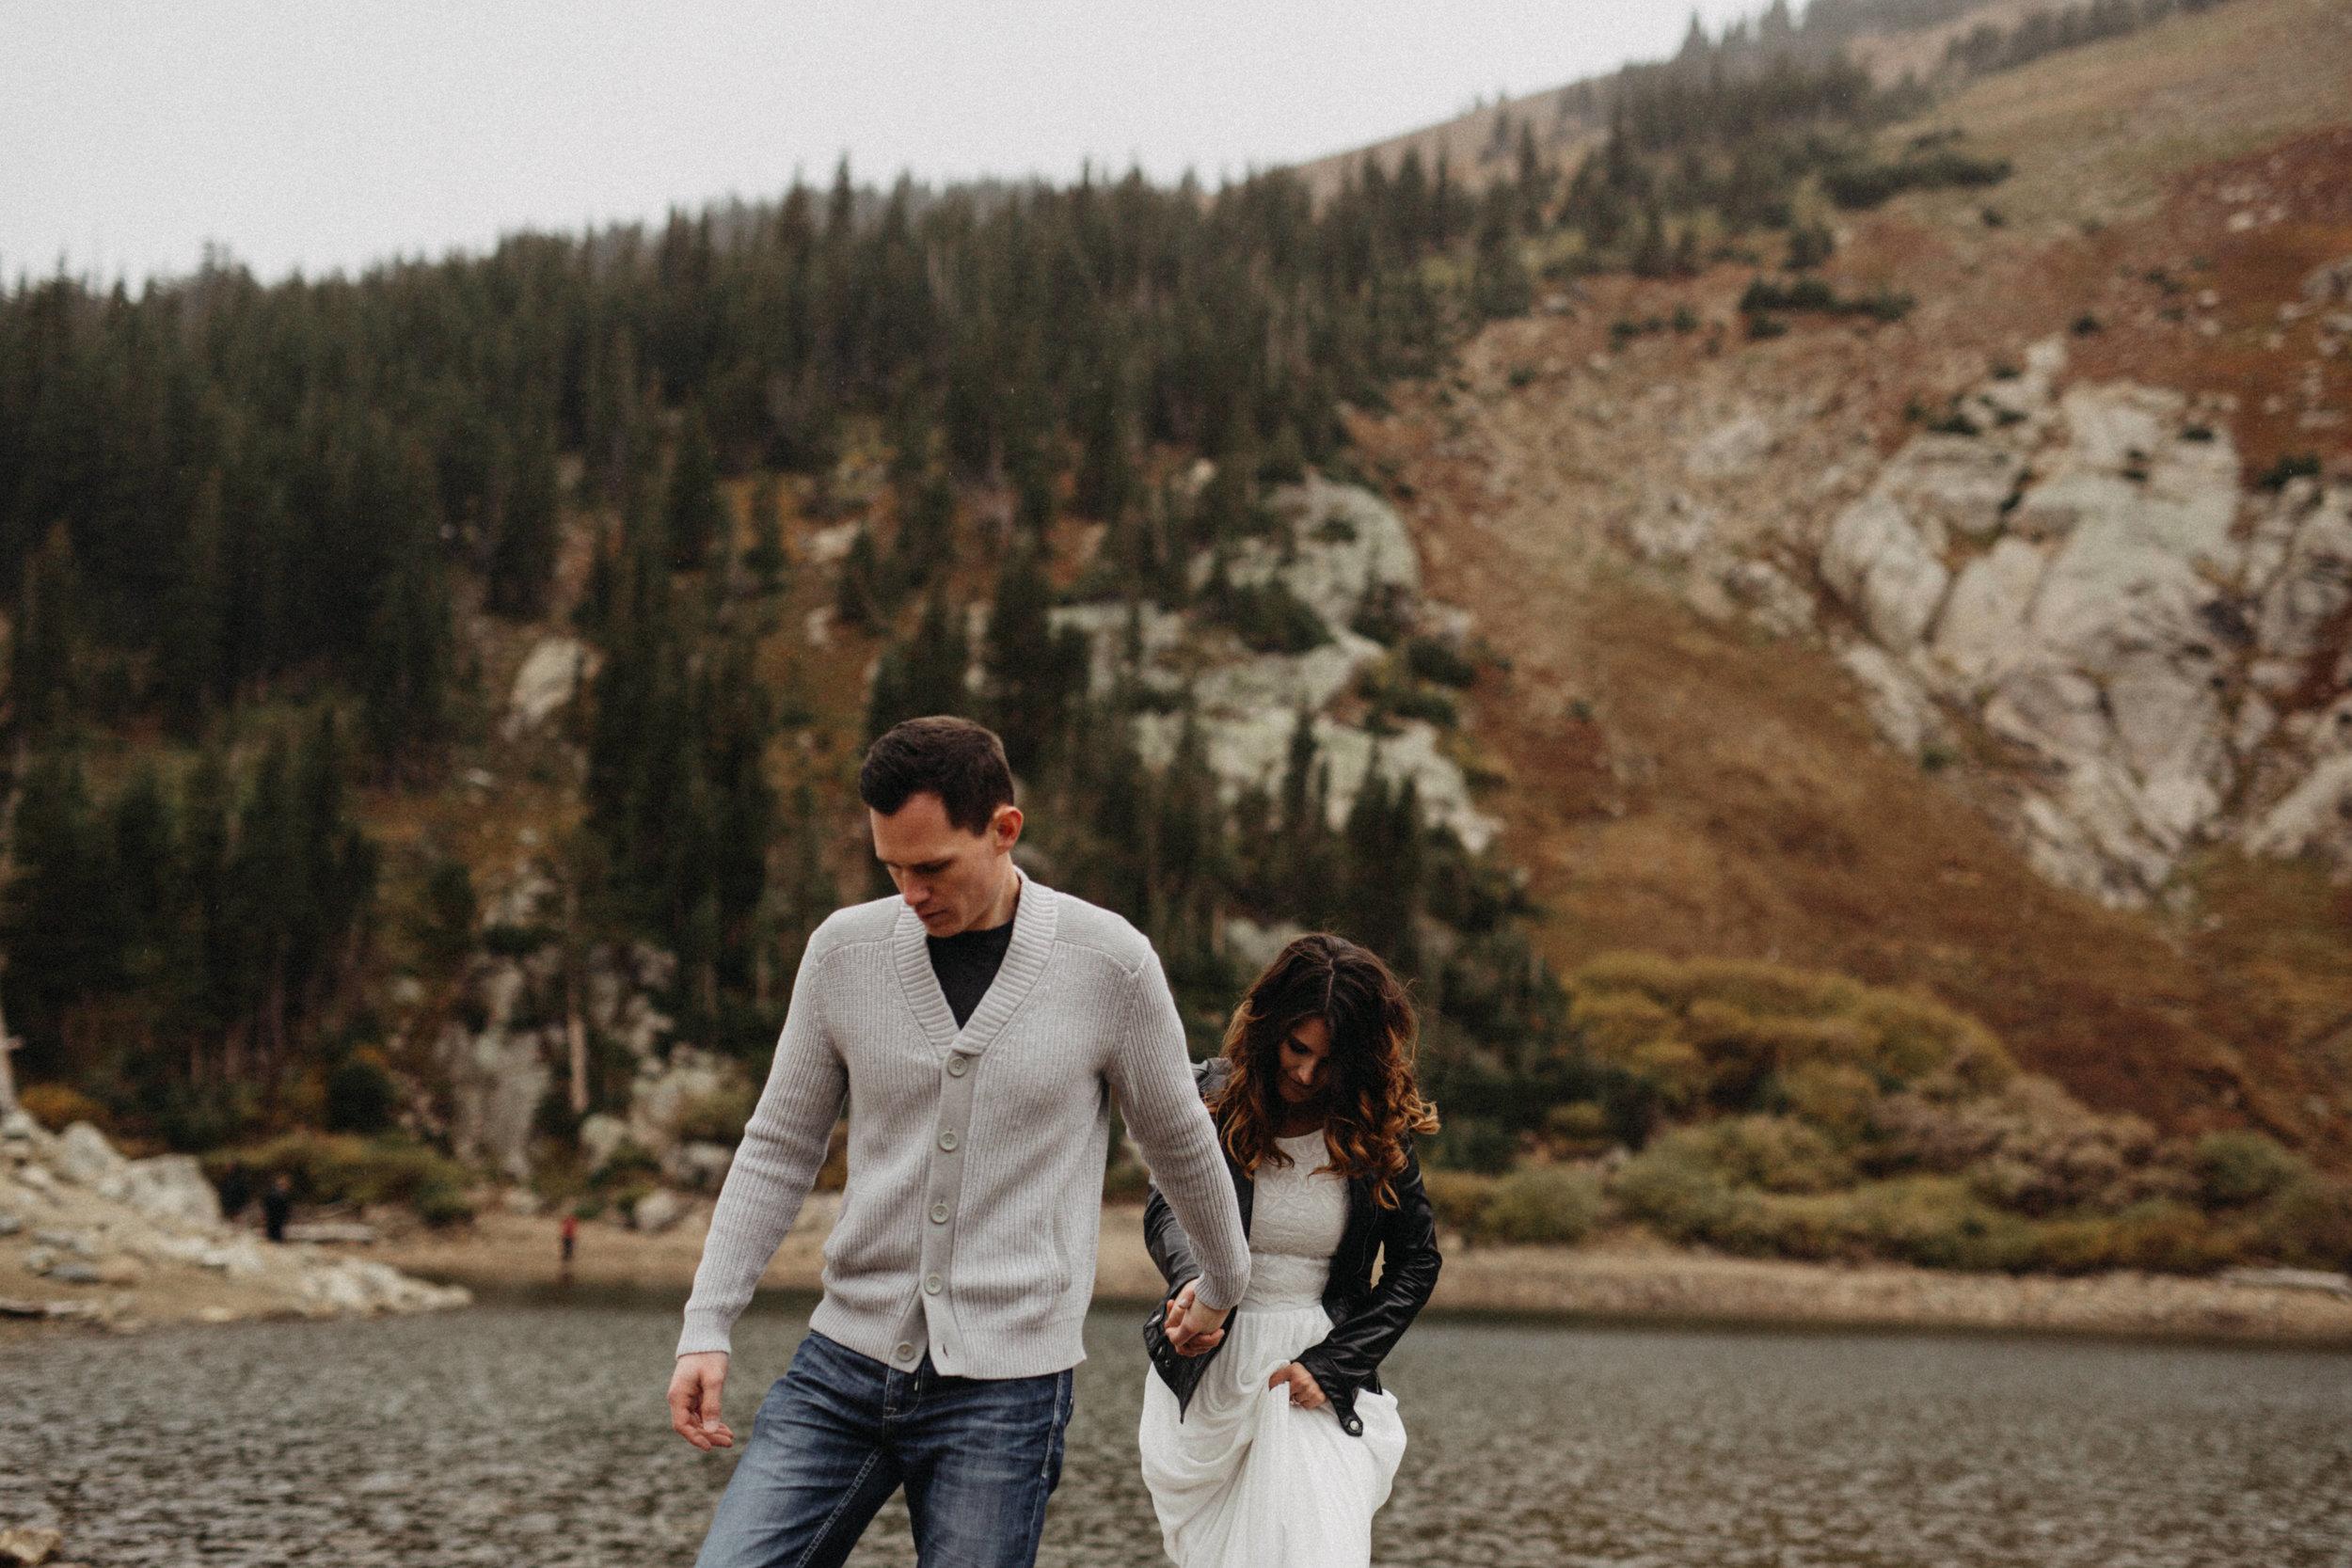 Destination Wedding Photography, Saint Mary's Glacier, Colorado